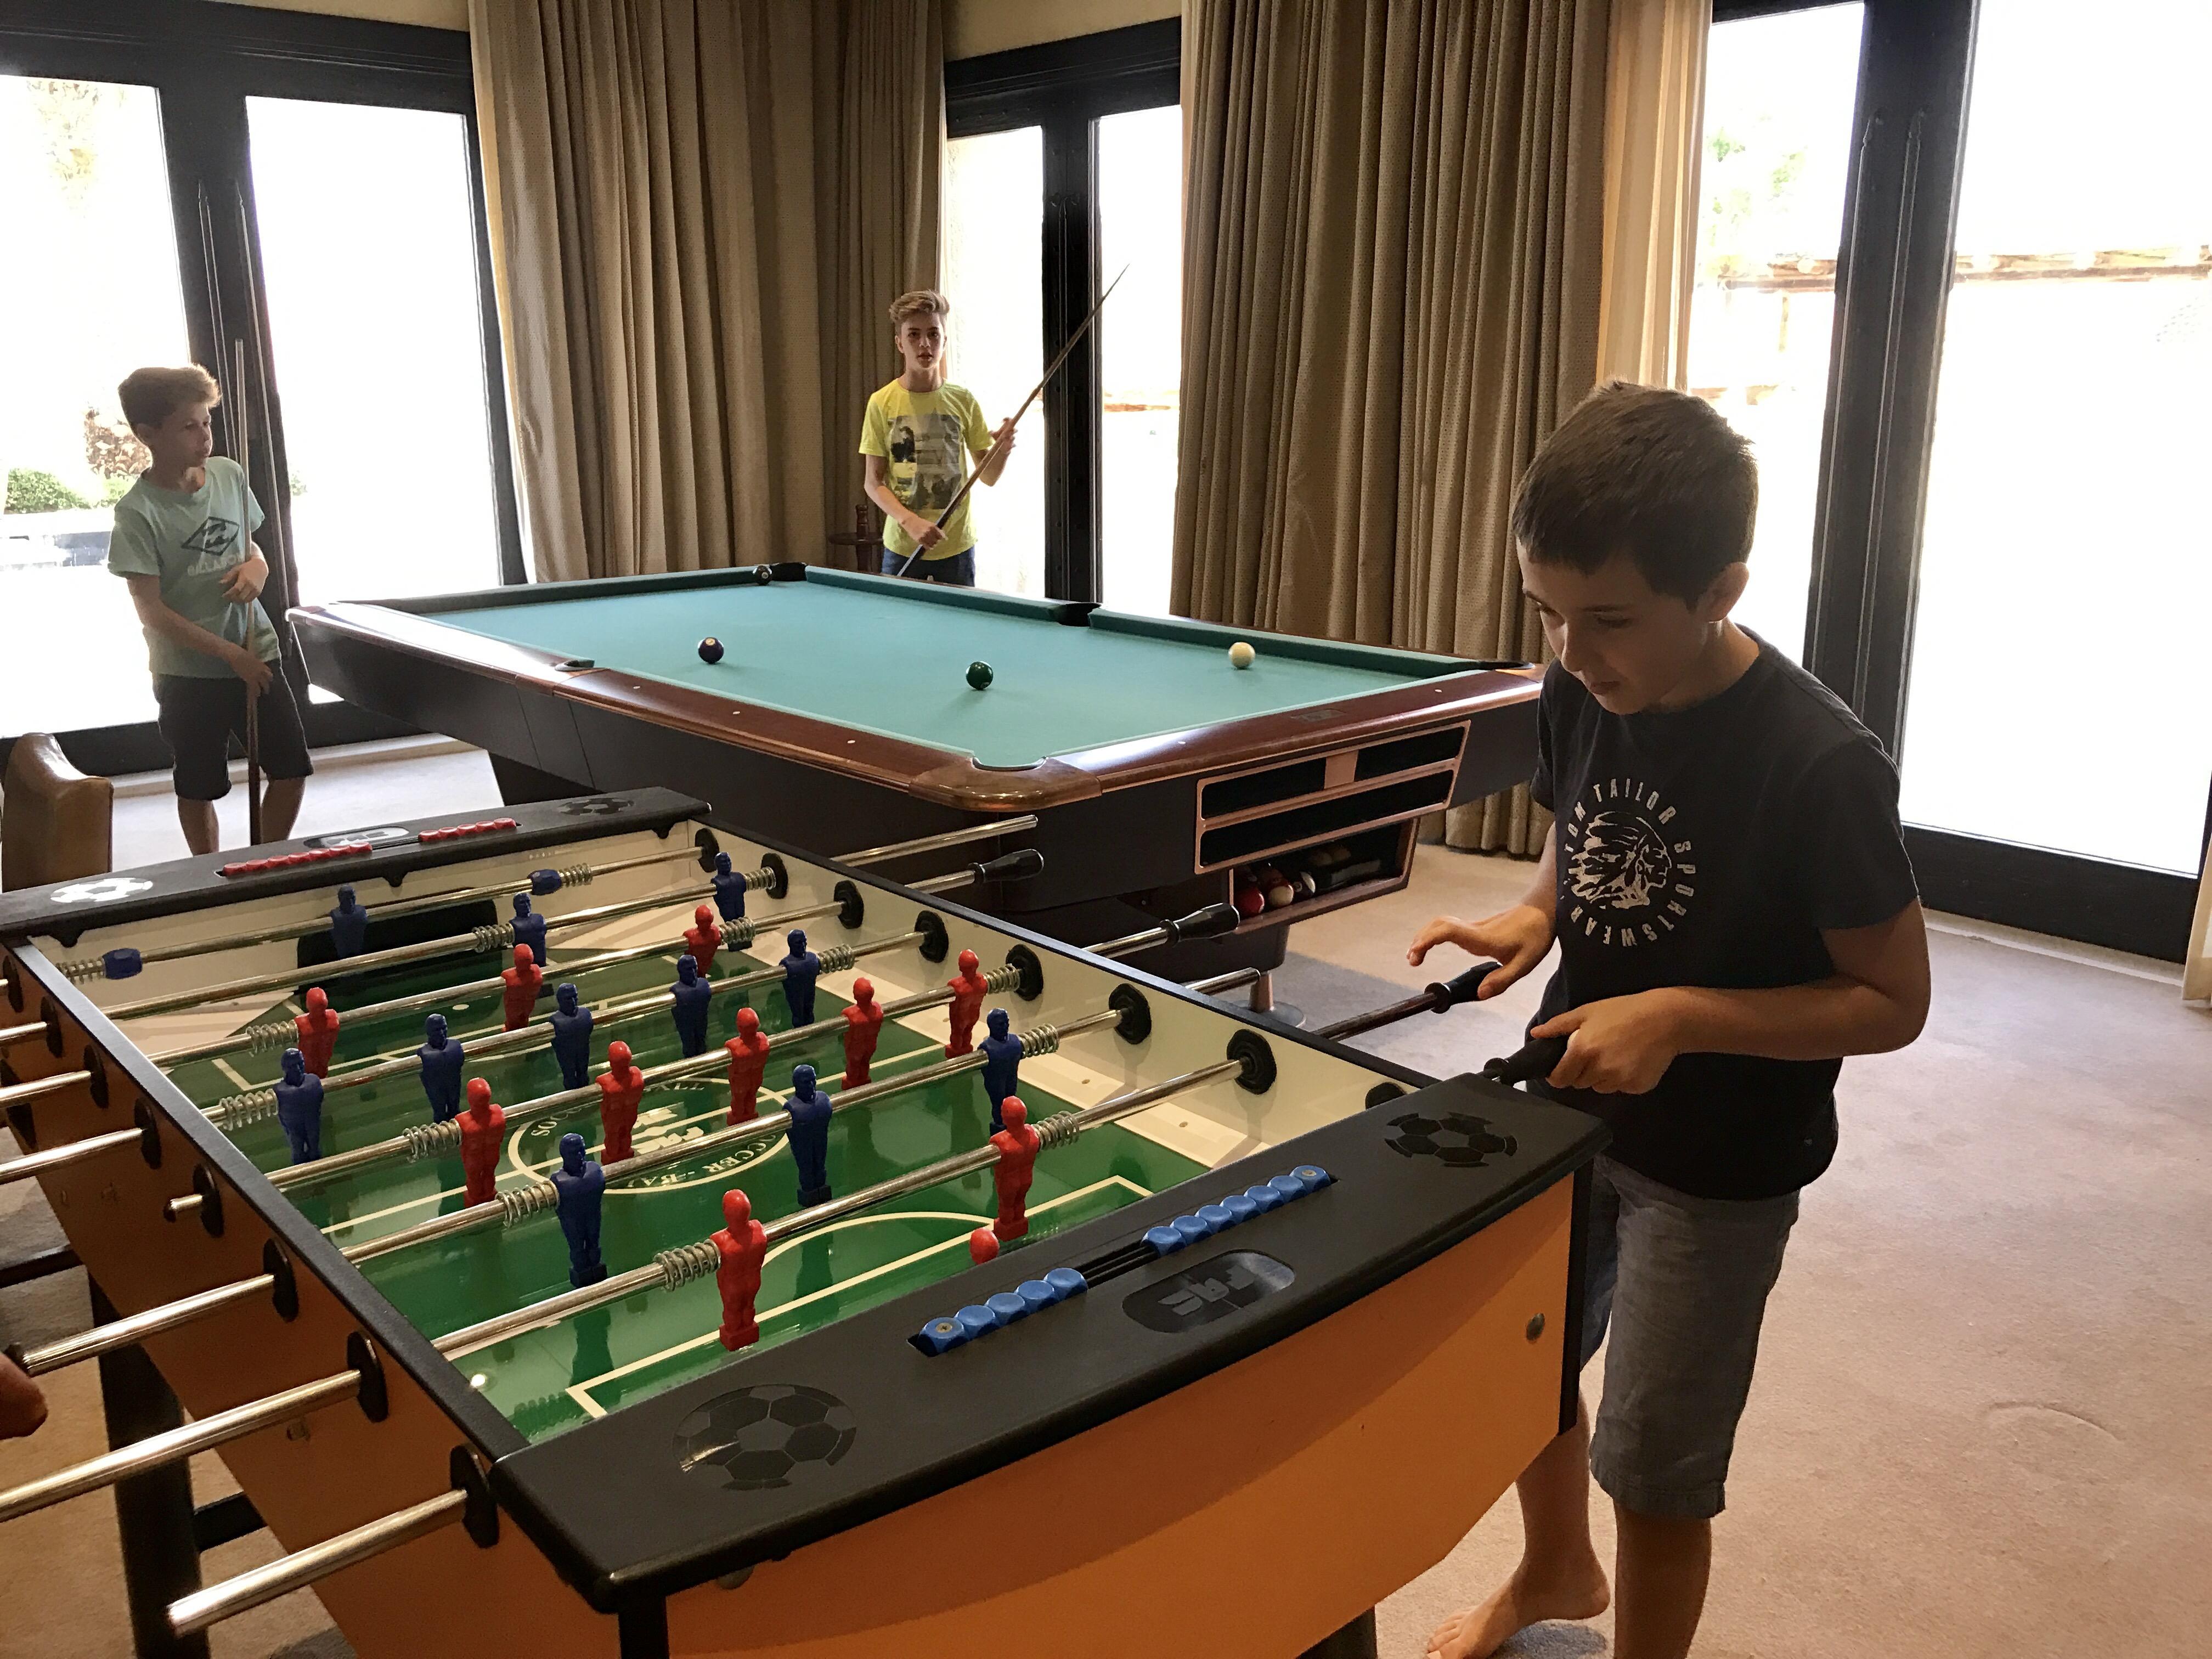 Spiele-Center